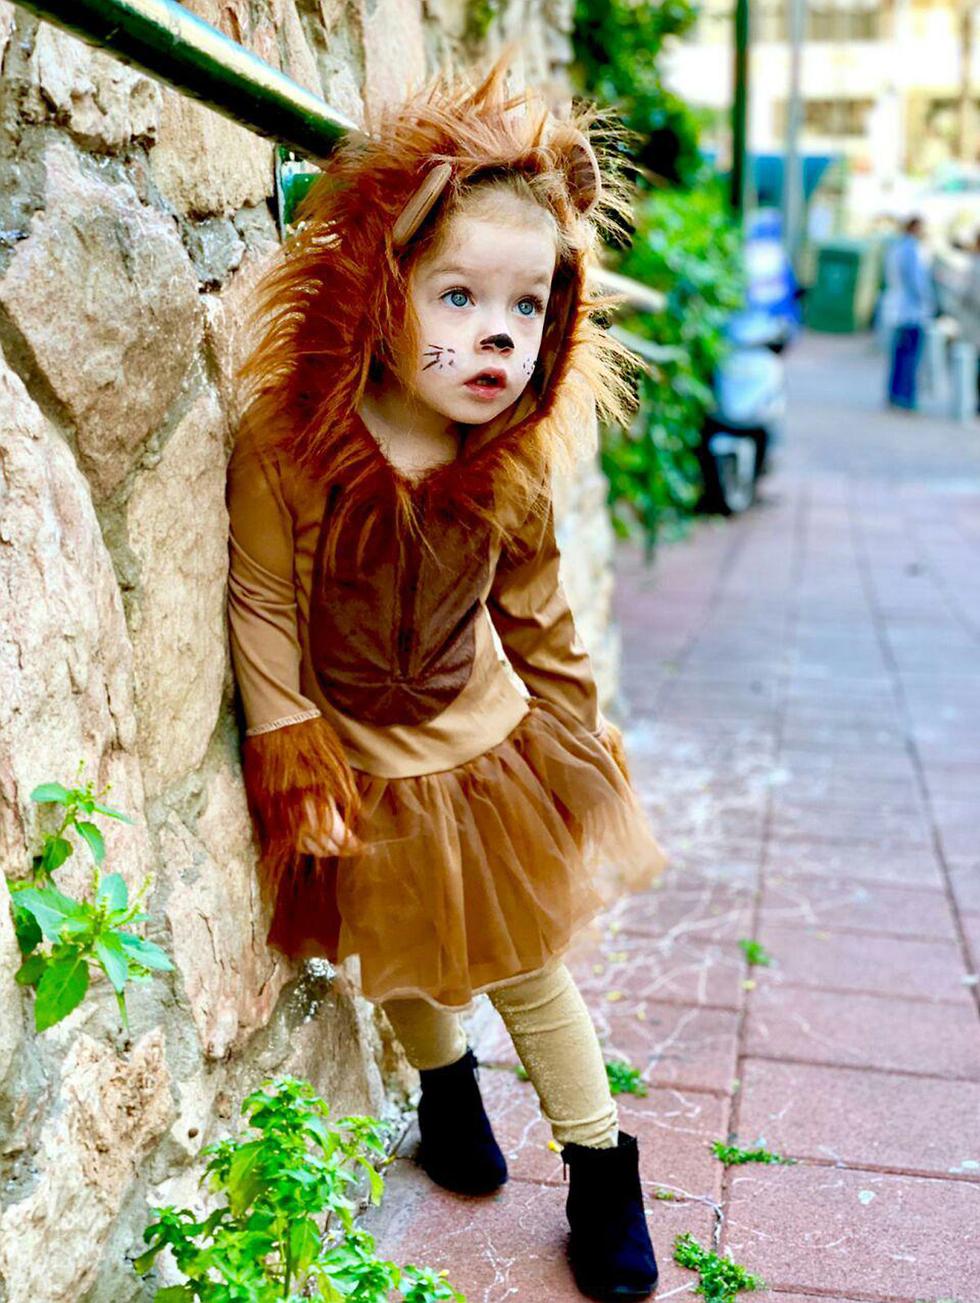 דניאלה צ'פצ'ניק בת שלוש מגבעתיים התחפשה לאריה תחפושות פורים תחפושת ()